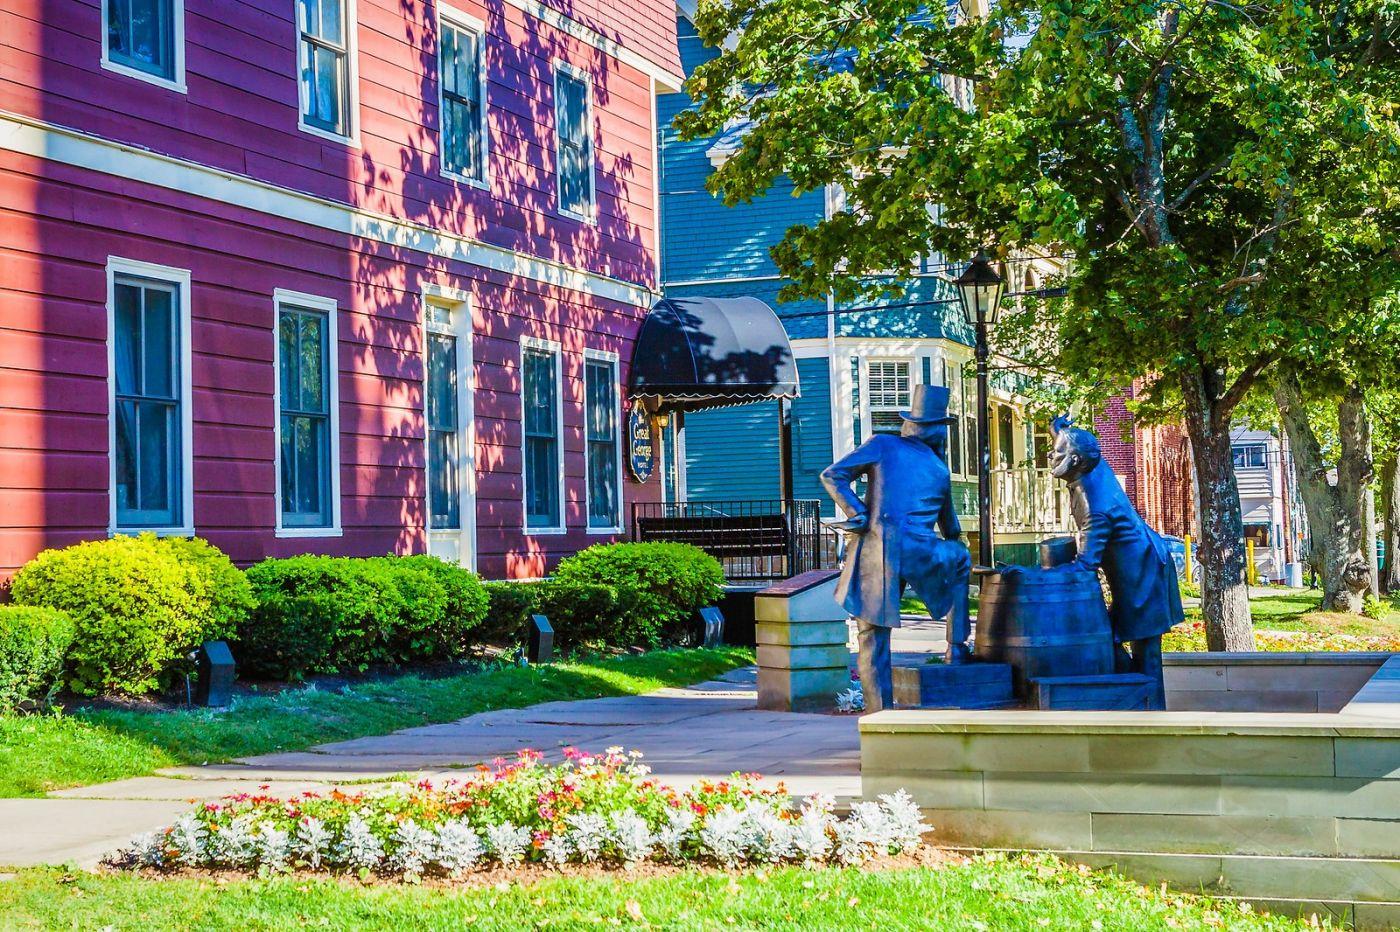 加拿大夏洛特镇(Charlottetown),城市游记_图1-39